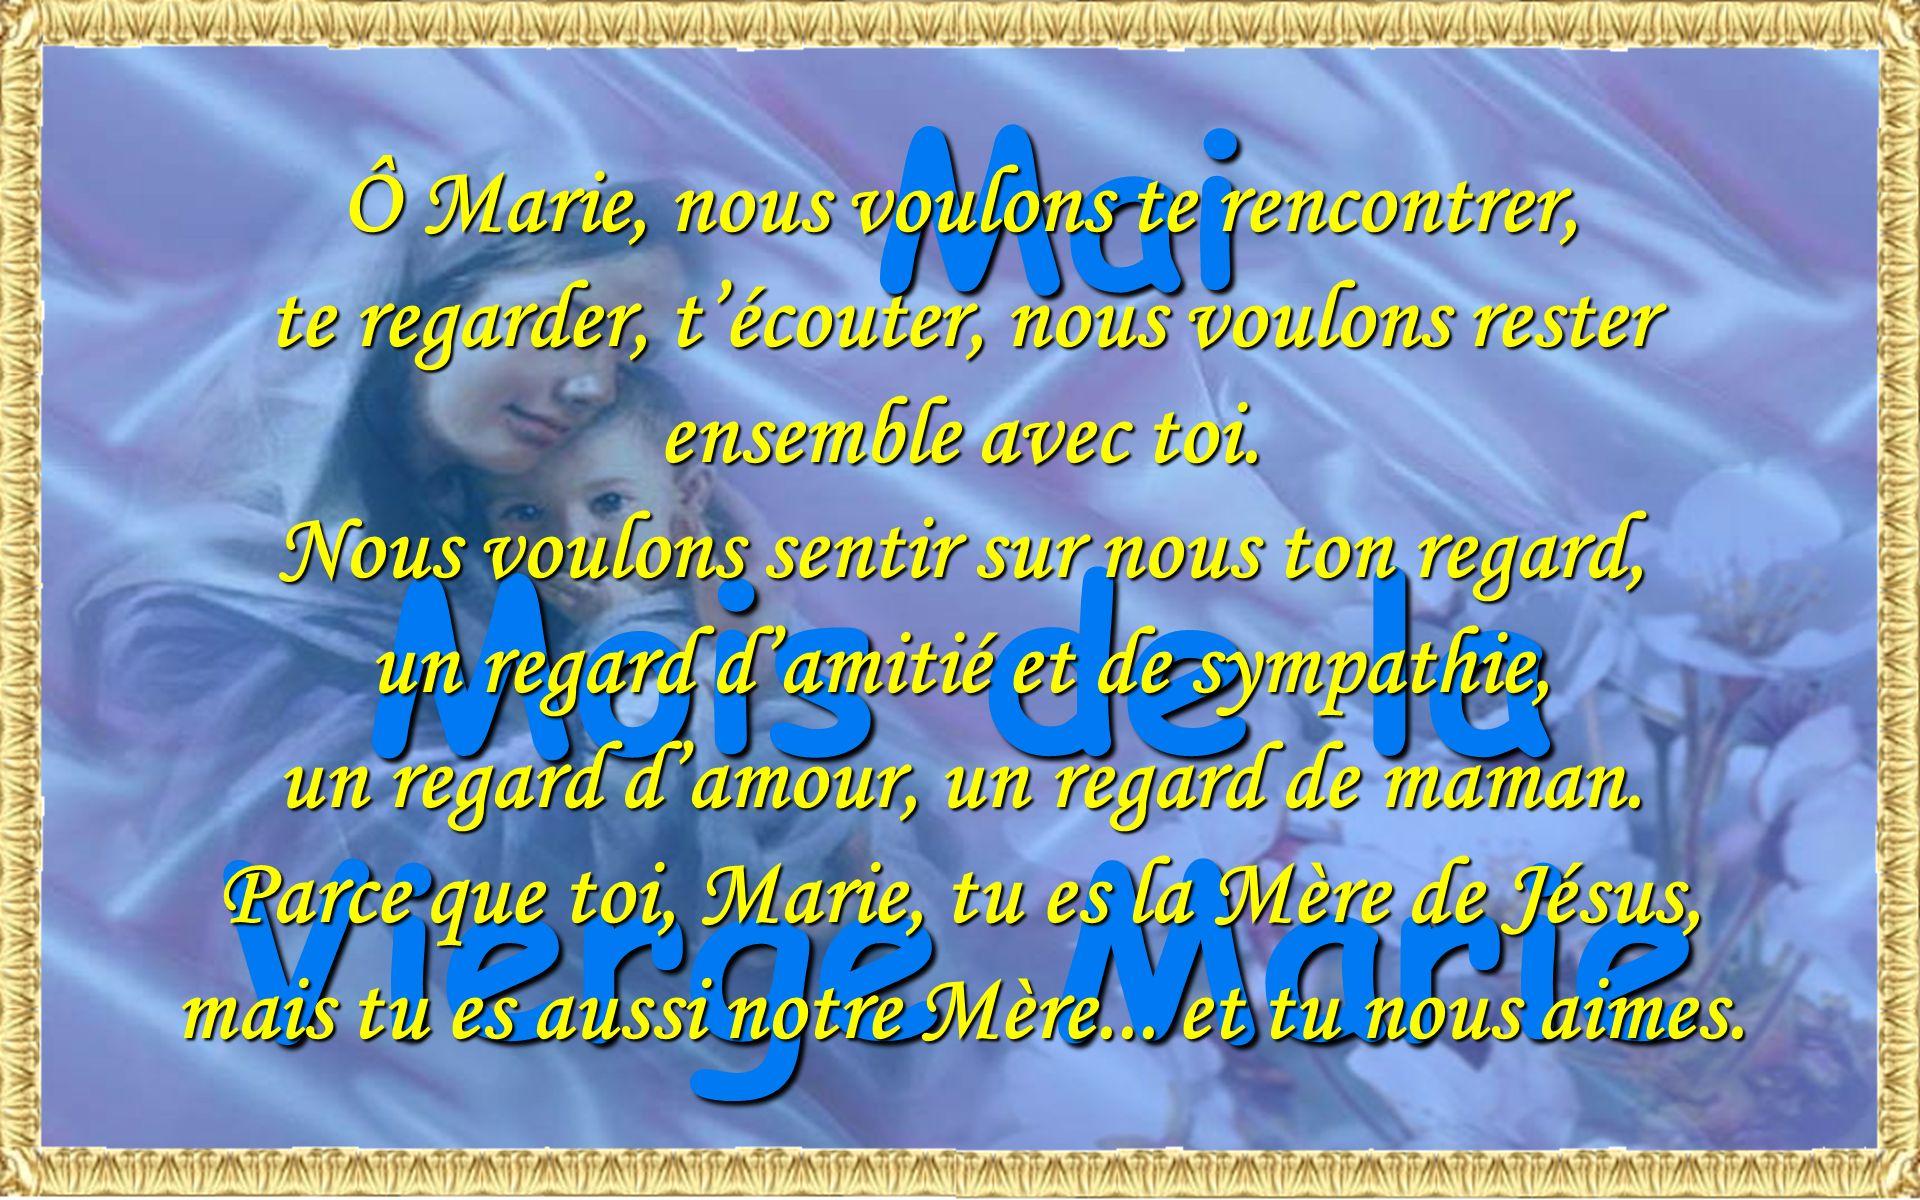 Mai Mois de la Vierge Marie Ô Marie, nous voulons te rencontrer, te regarder, técouter, nous voulons rester ensemble avec toi.